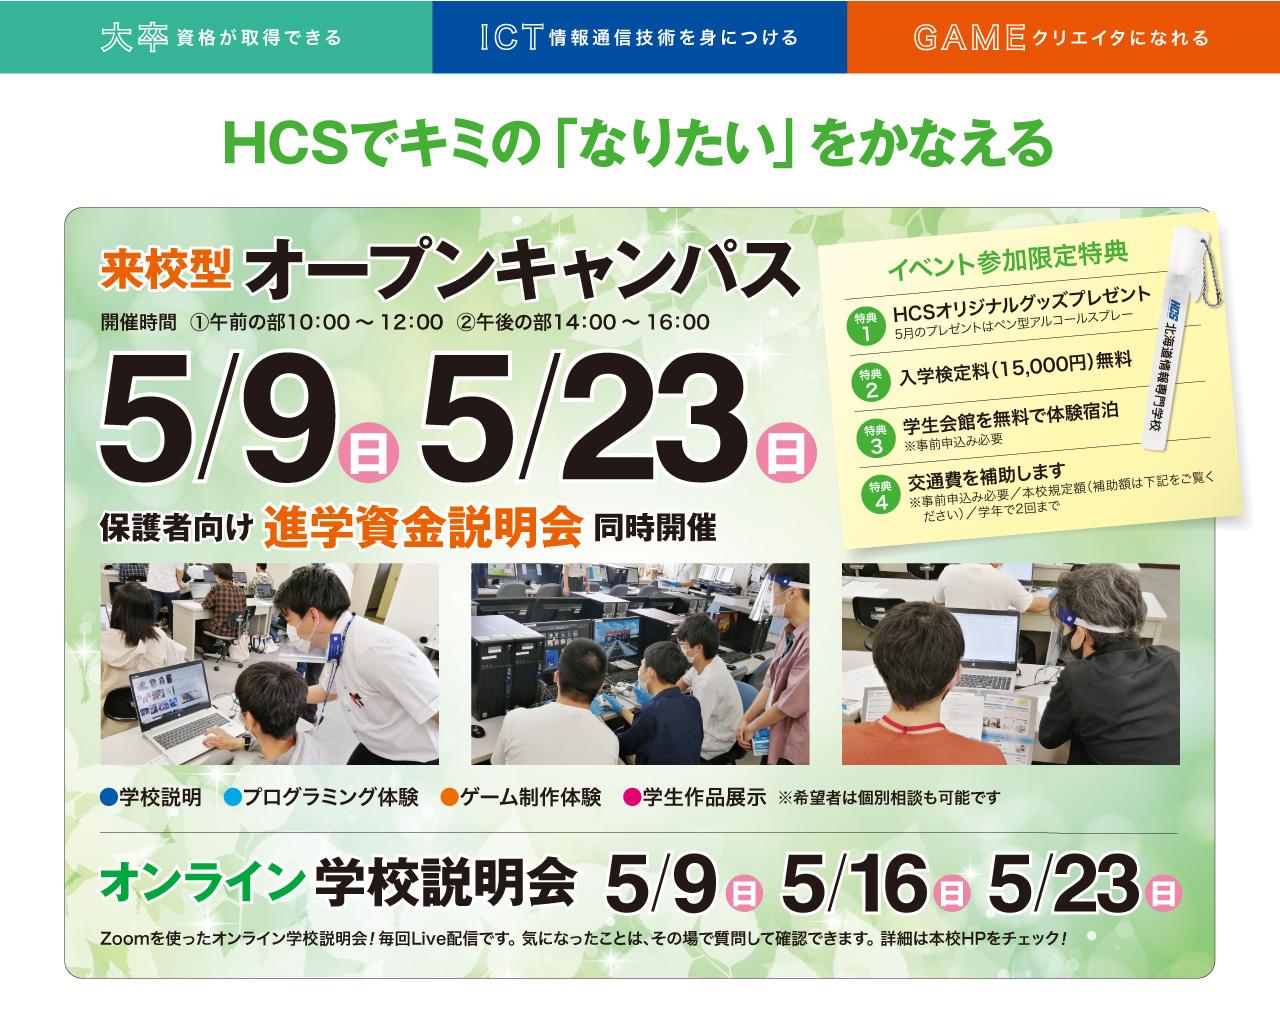 来校型オープンキャンパス5/9、5/23 オンライン学校説明会5/9、5/16、5/23